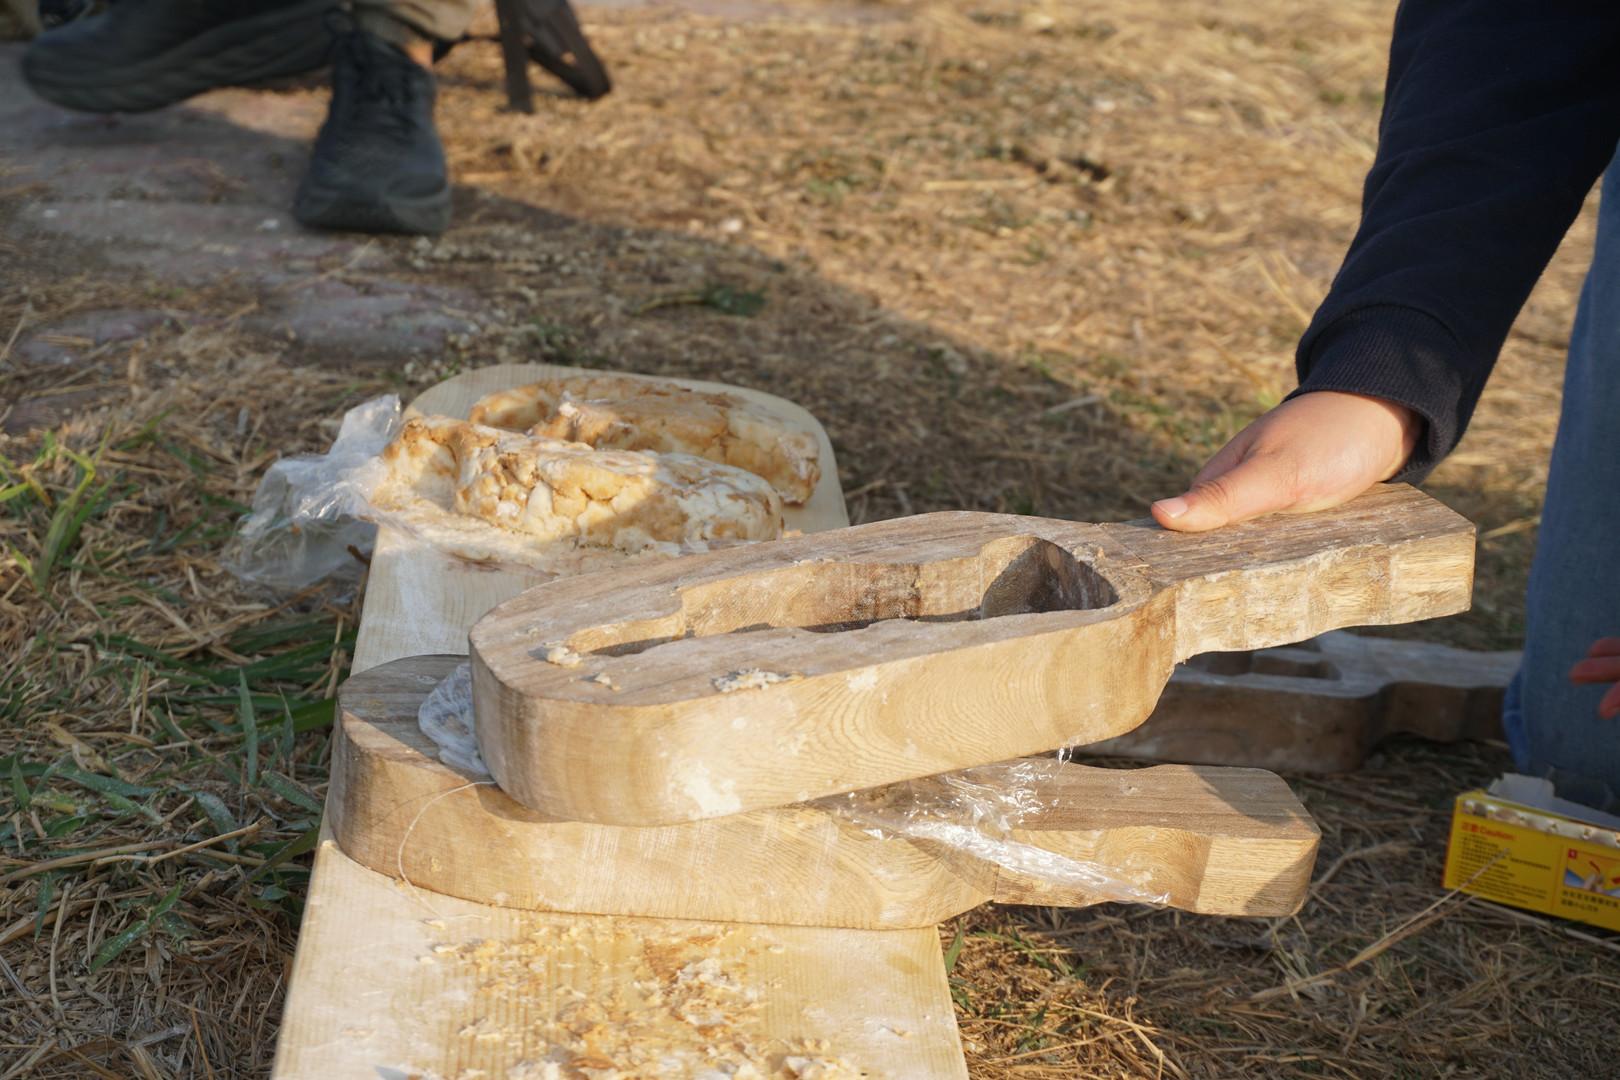 參加者嘗試創作麵包雕塑